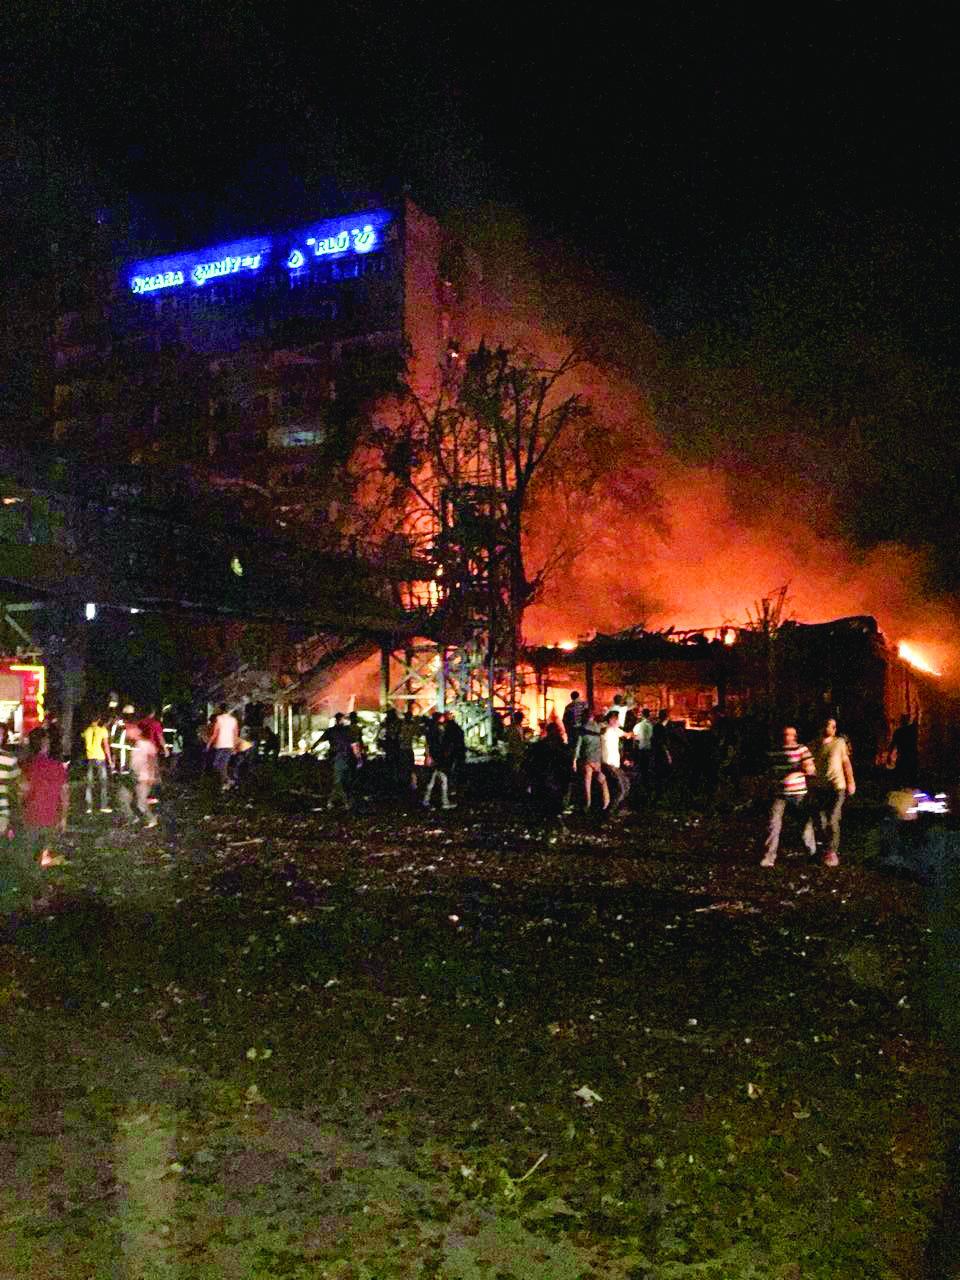 Darbeci askerlerin kontrolündeki bir F-16 emniyeti havadan bombalarken, tank ve süper kobra helikopterlerle ateş altına alındı.